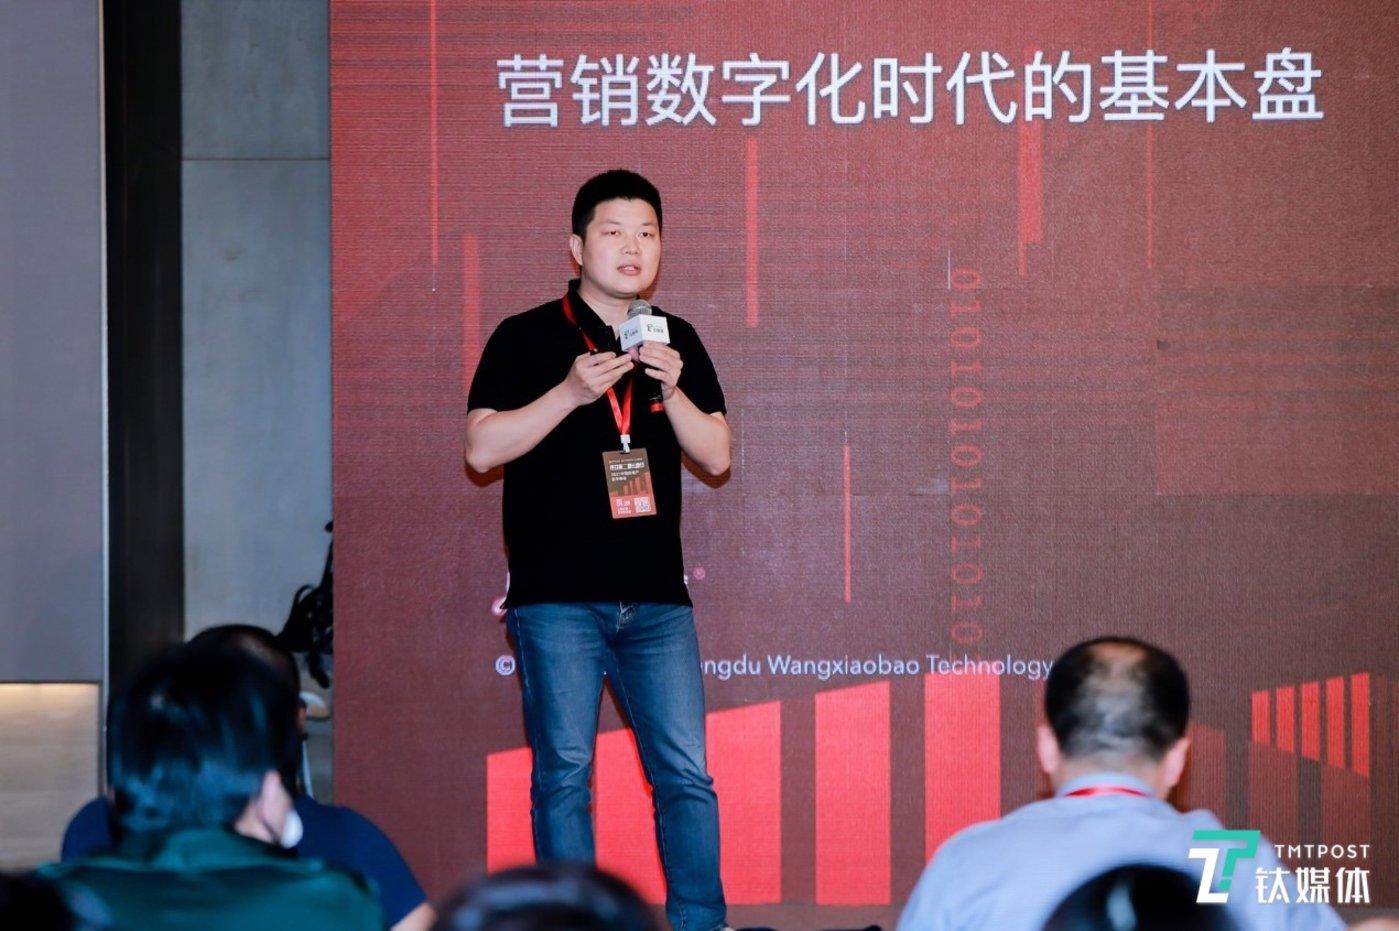 旺小宝科技高级副总裁熊伟